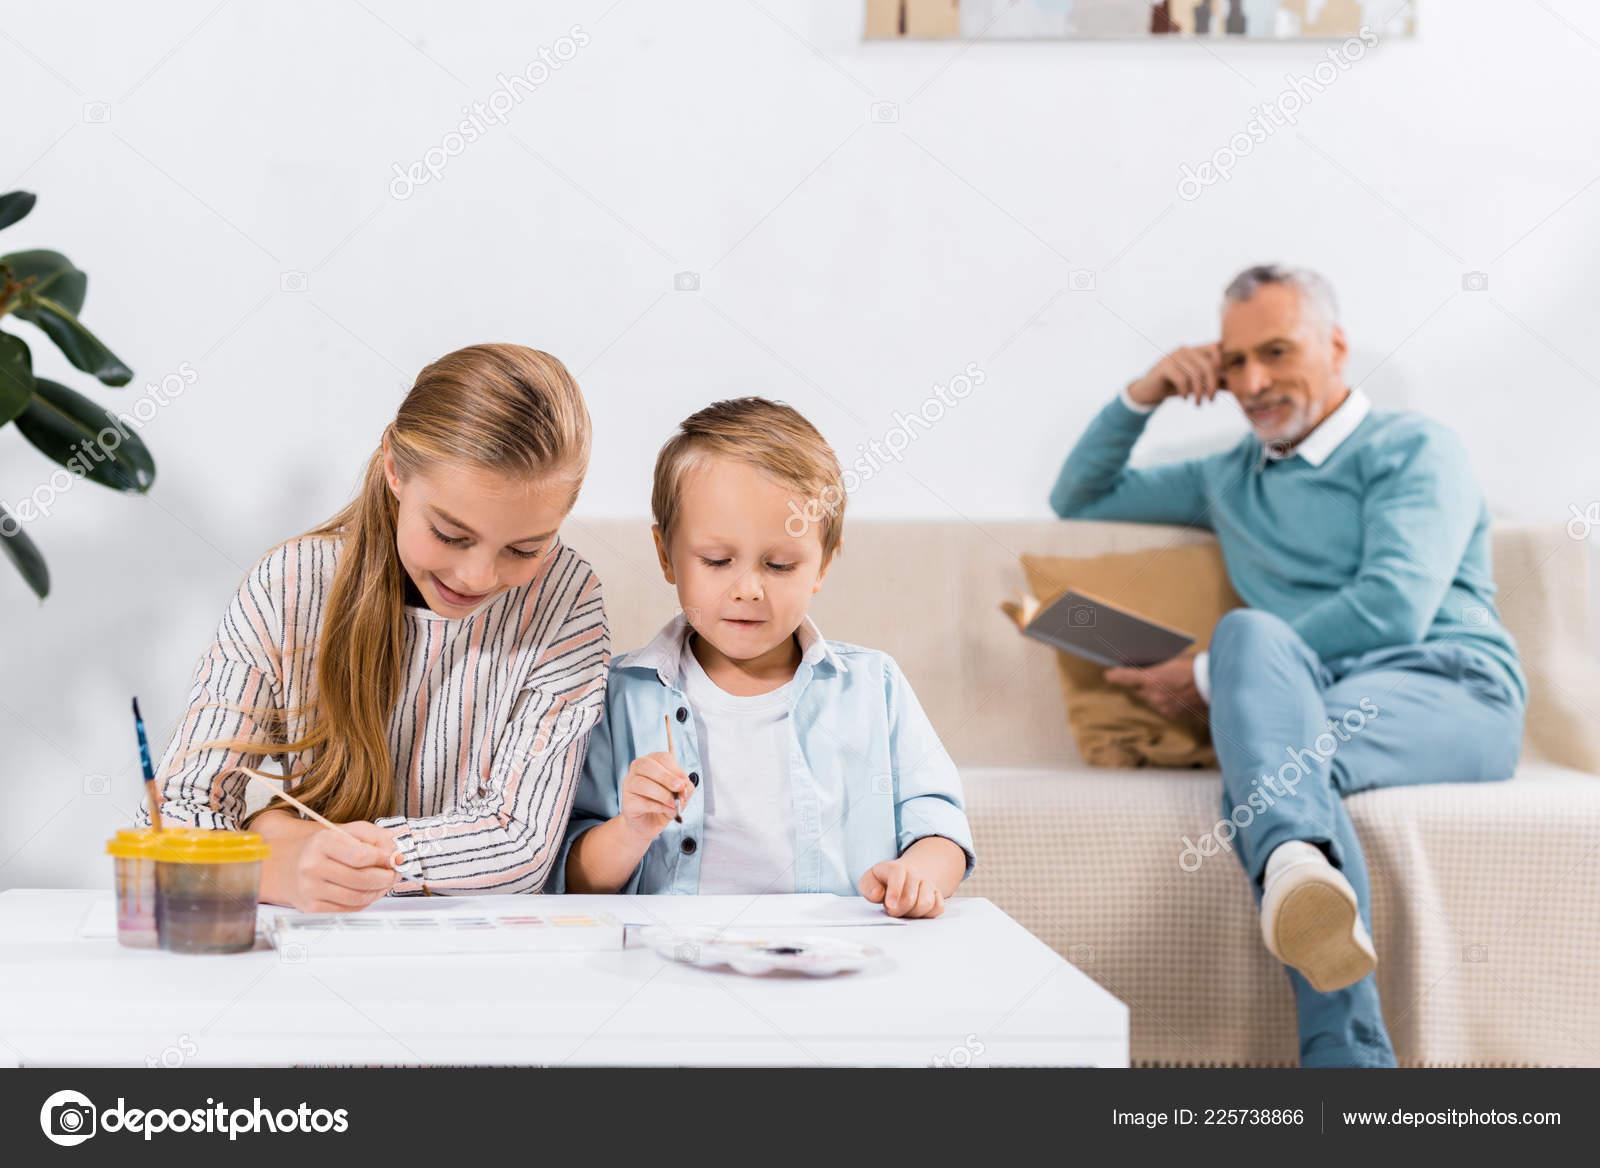 Tavolo Dietro Al Divano : Pittura tavolo mentre loro nonno che legge libro dietro divano